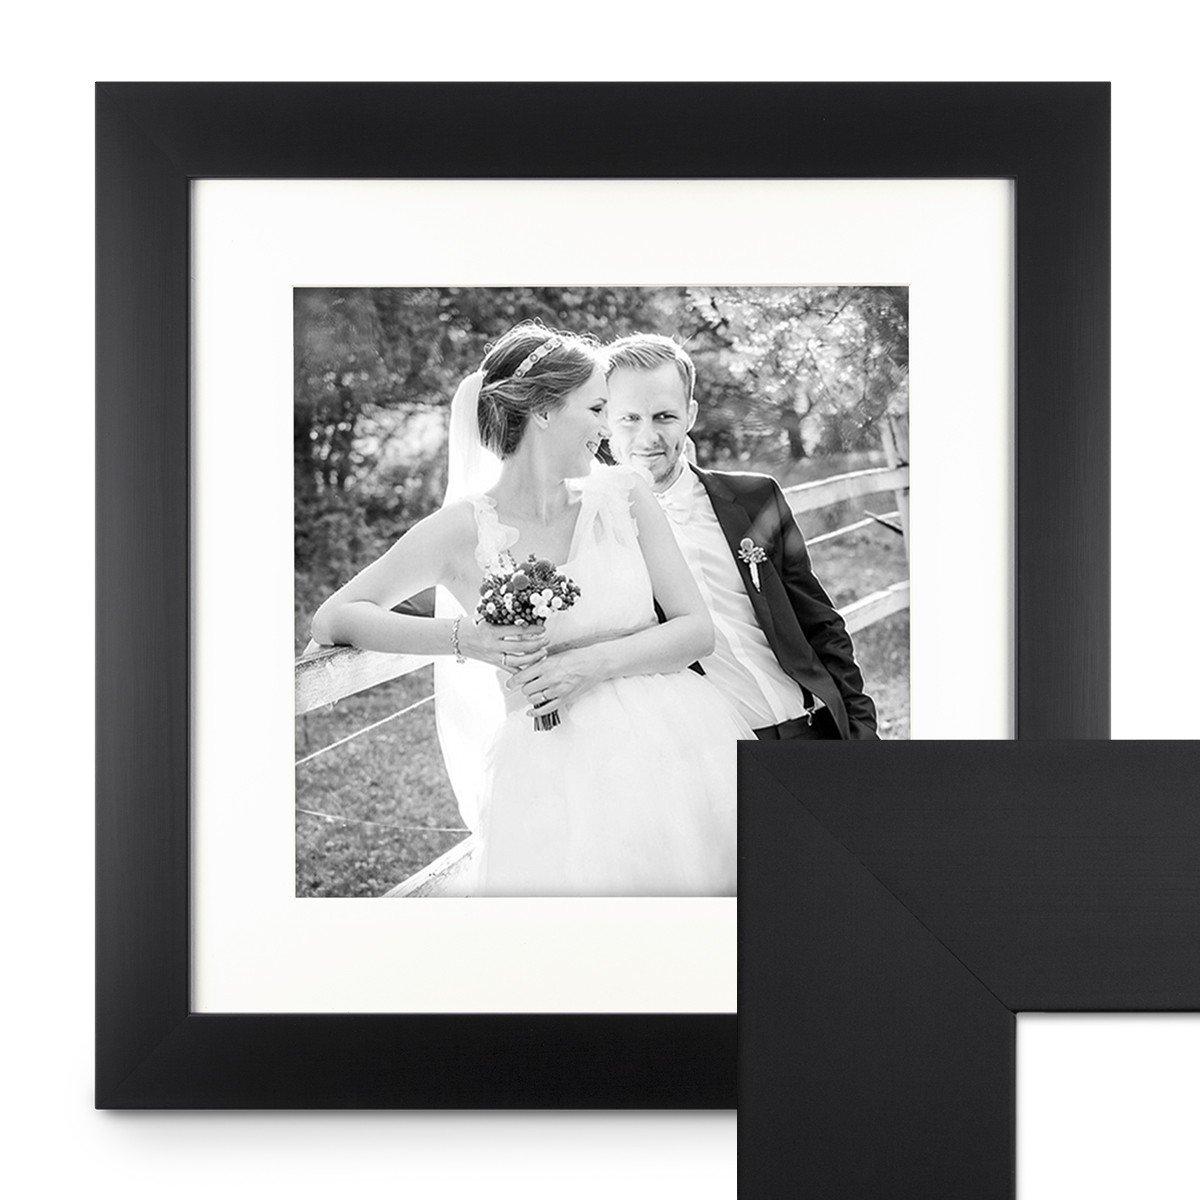 PHOTOLINI Bilderrahmen 50x50 cm Schwarz Modern Breit aus MDF mit Passepartout u. Glasscheibe Fotorahmen Galerierahmen